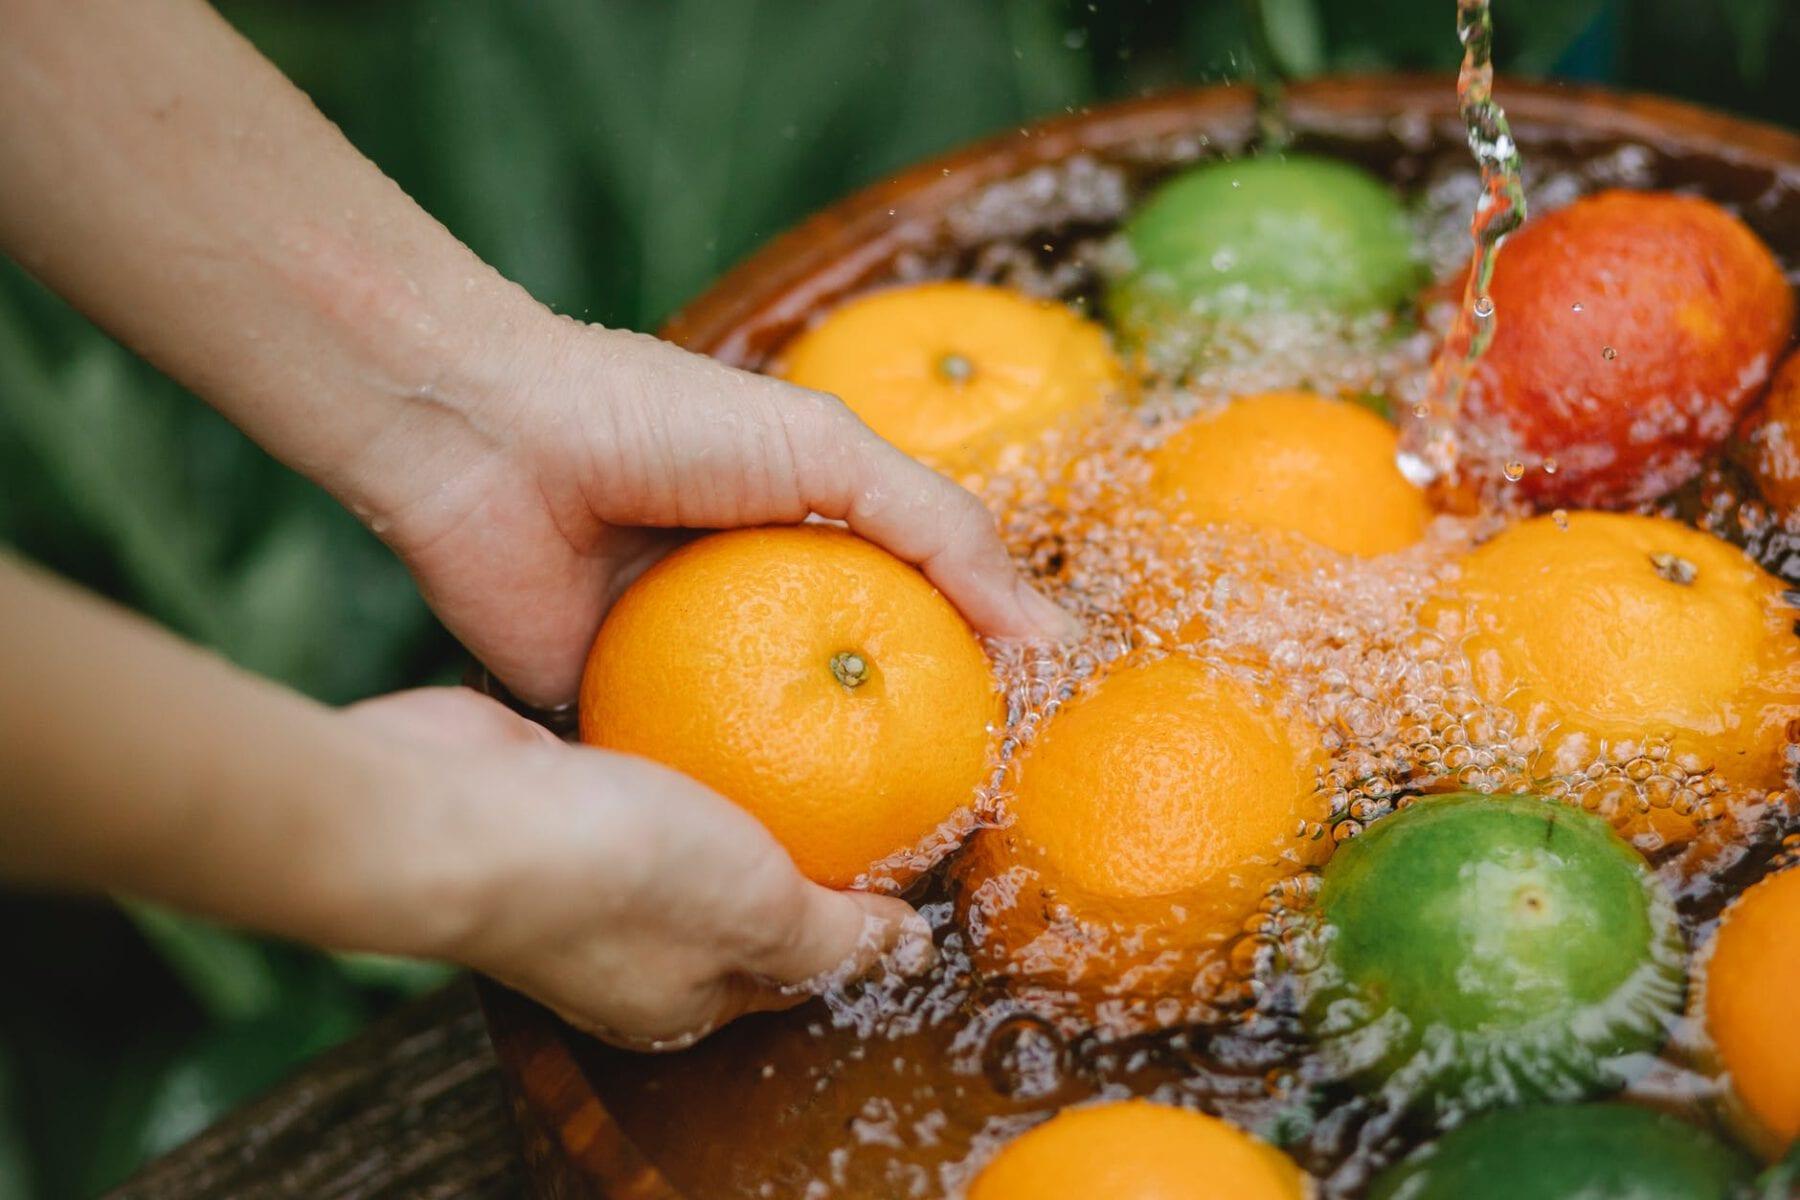 woman washing fruits in fresh water